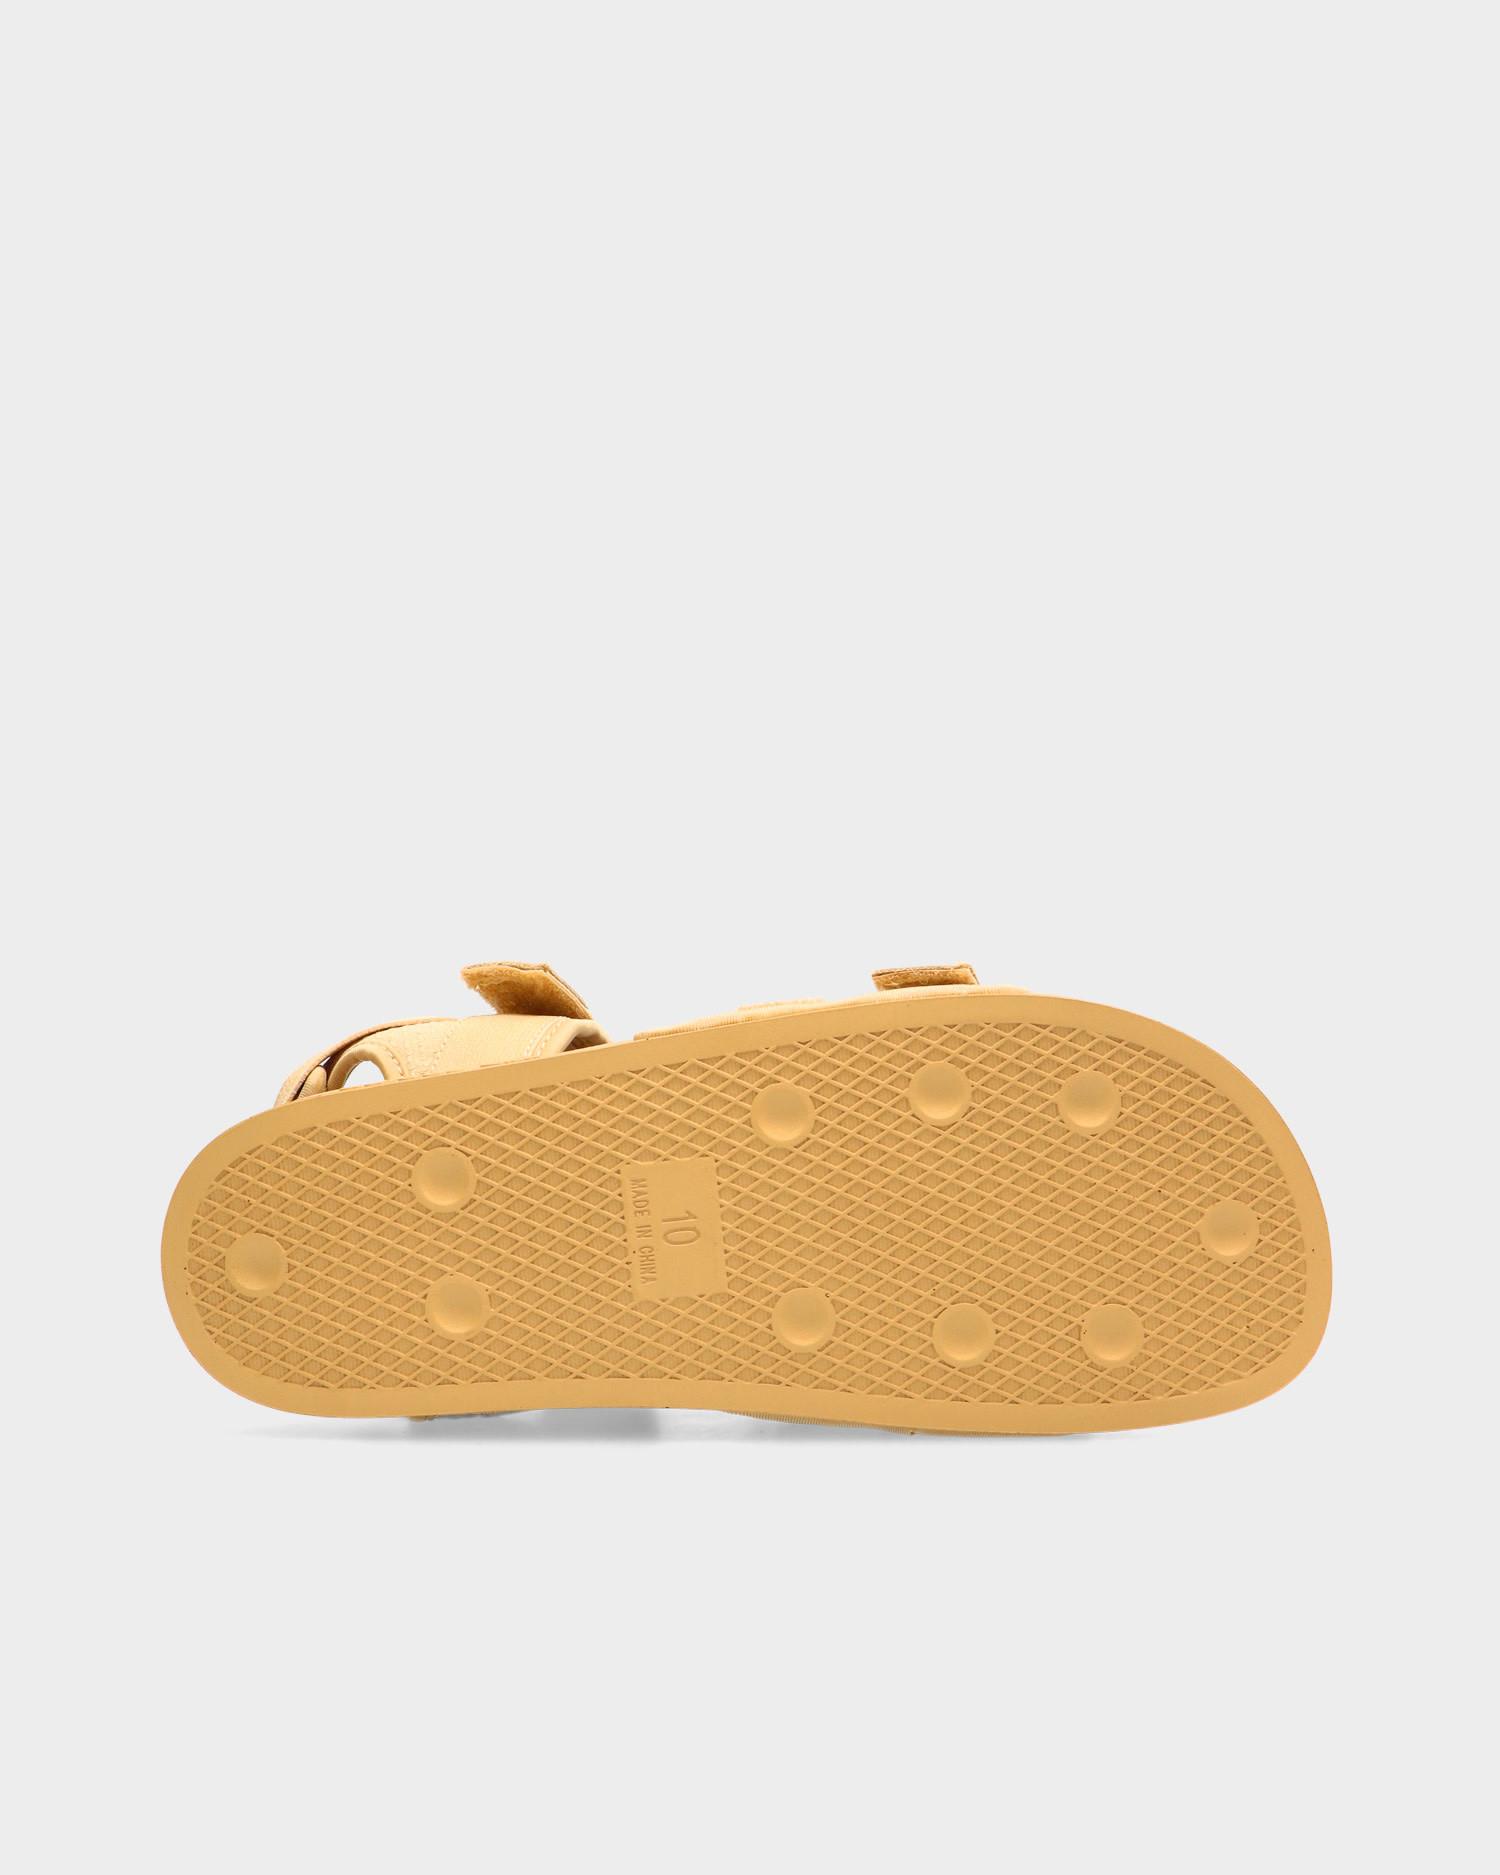 Adidas Adilette Sandal 2.0 Hazy Beige/White